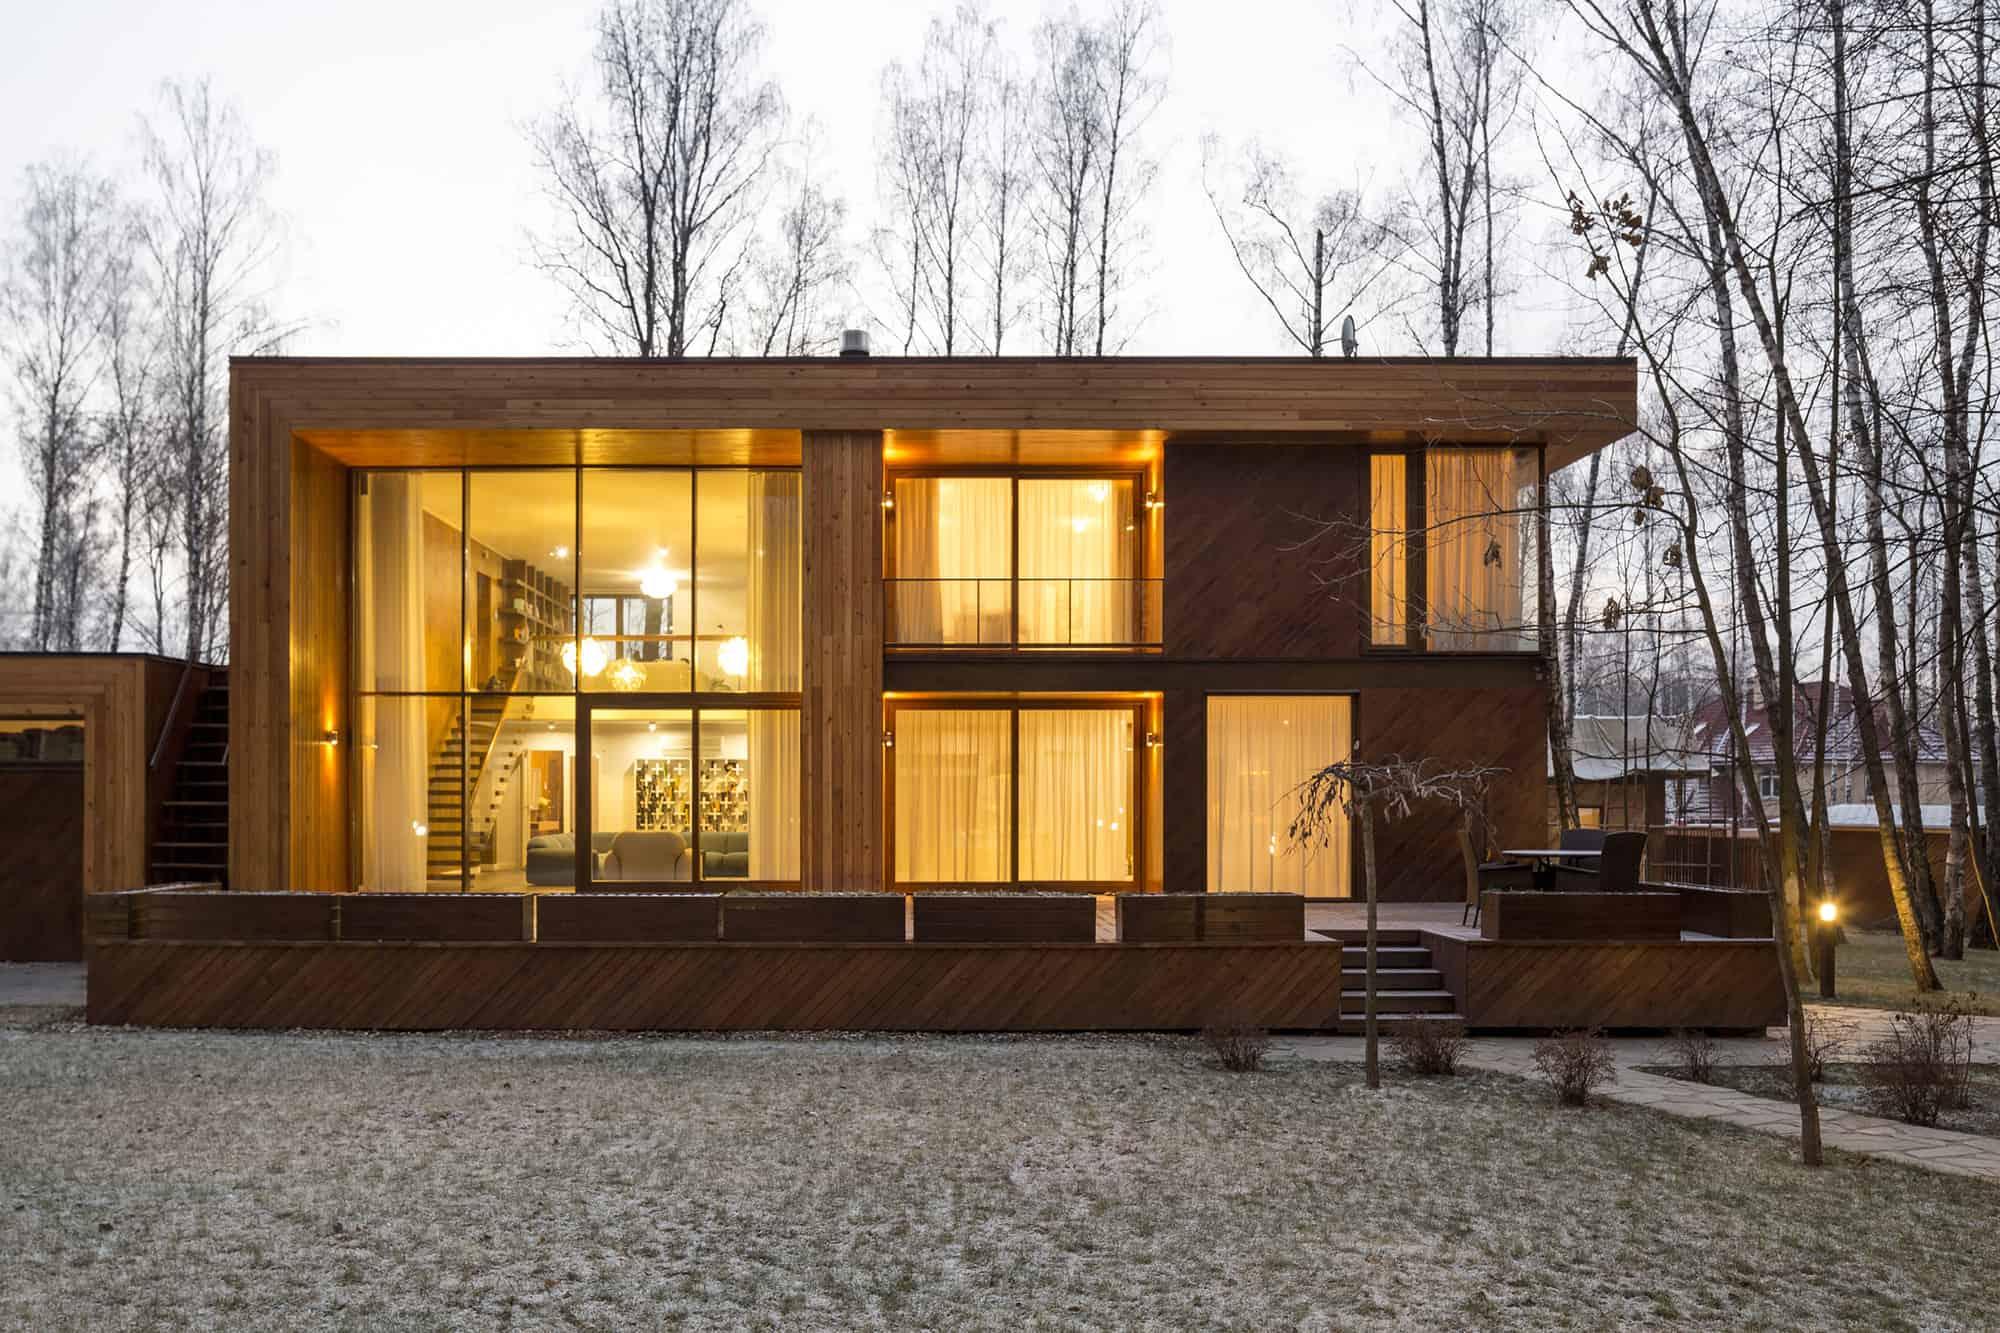 Fachada moderna con vidrio y madera.